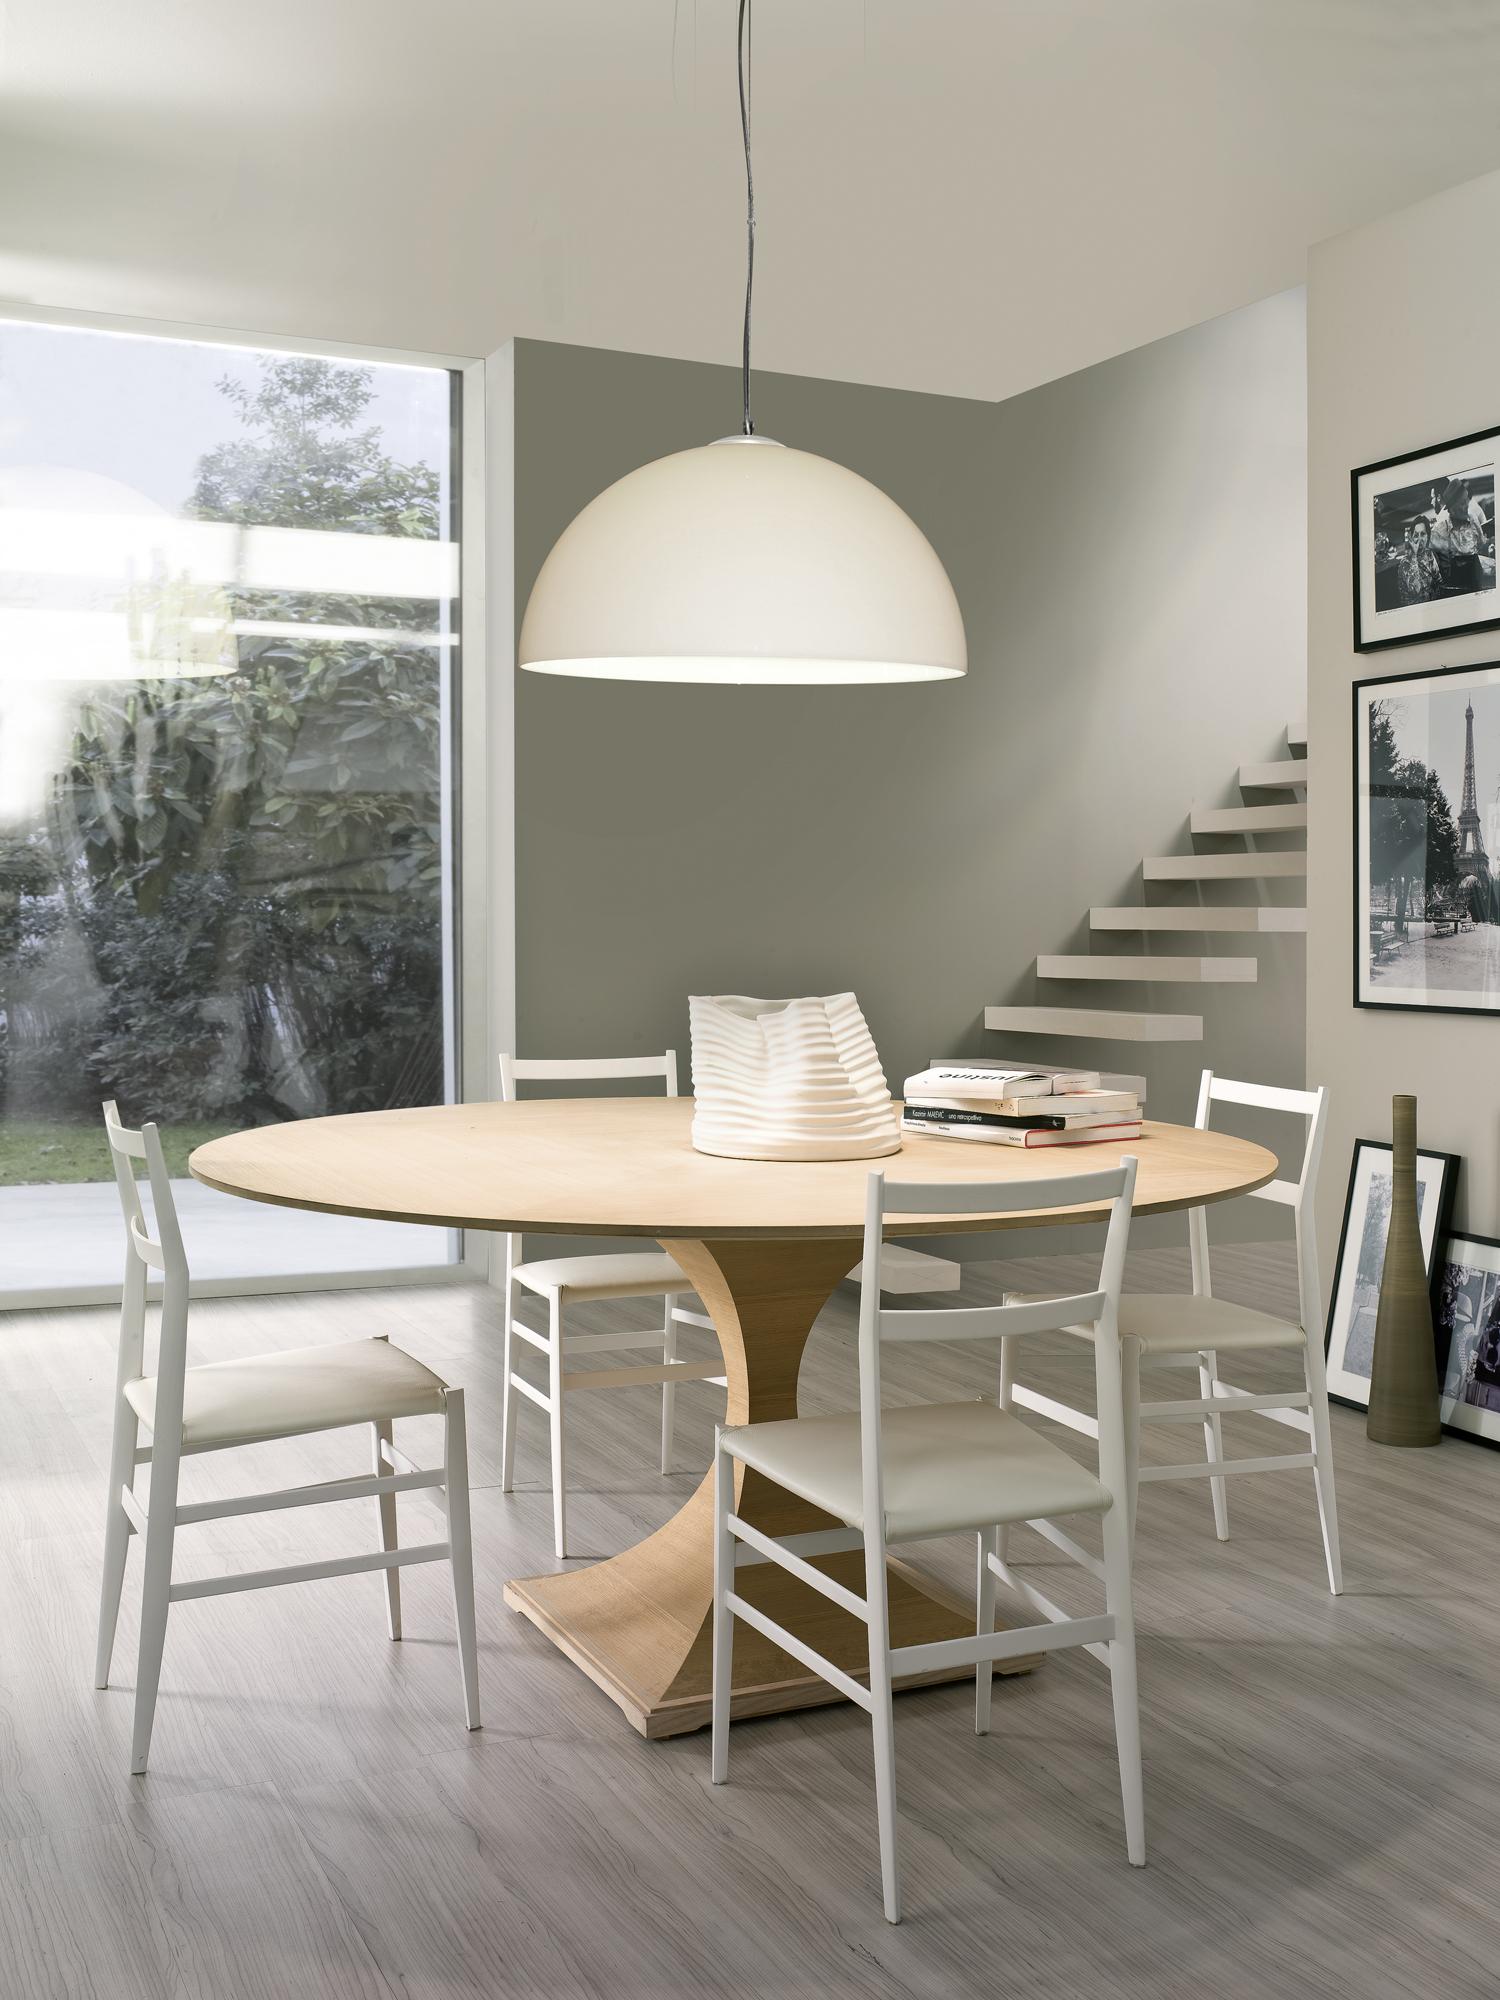 Illuminazione arredo per la casa - Illuminazione per la casa ...